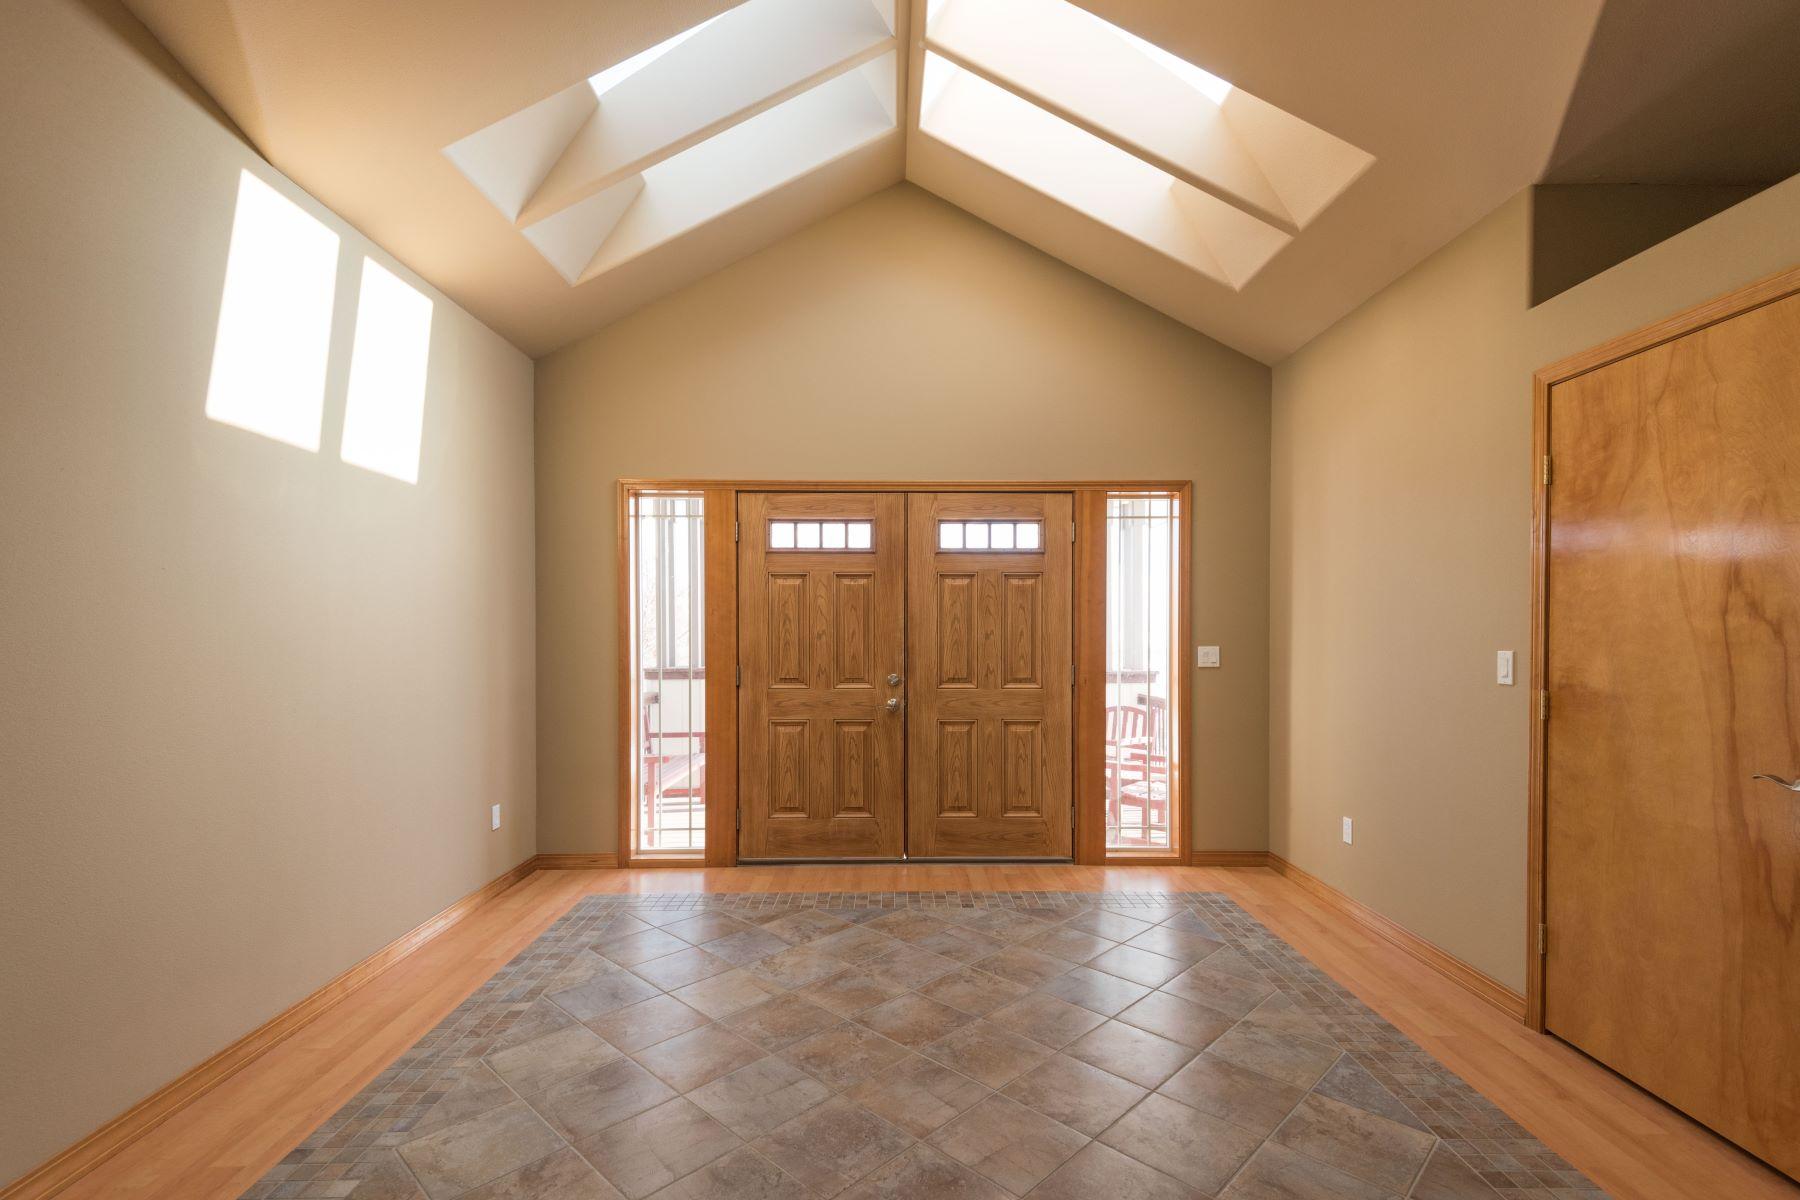 Частный односемейный дом для того Продажа на Amazing Views on .91 acres! 100804 E Reata Road Kennewick, Вашингтон 99338 Соединенные Штаты